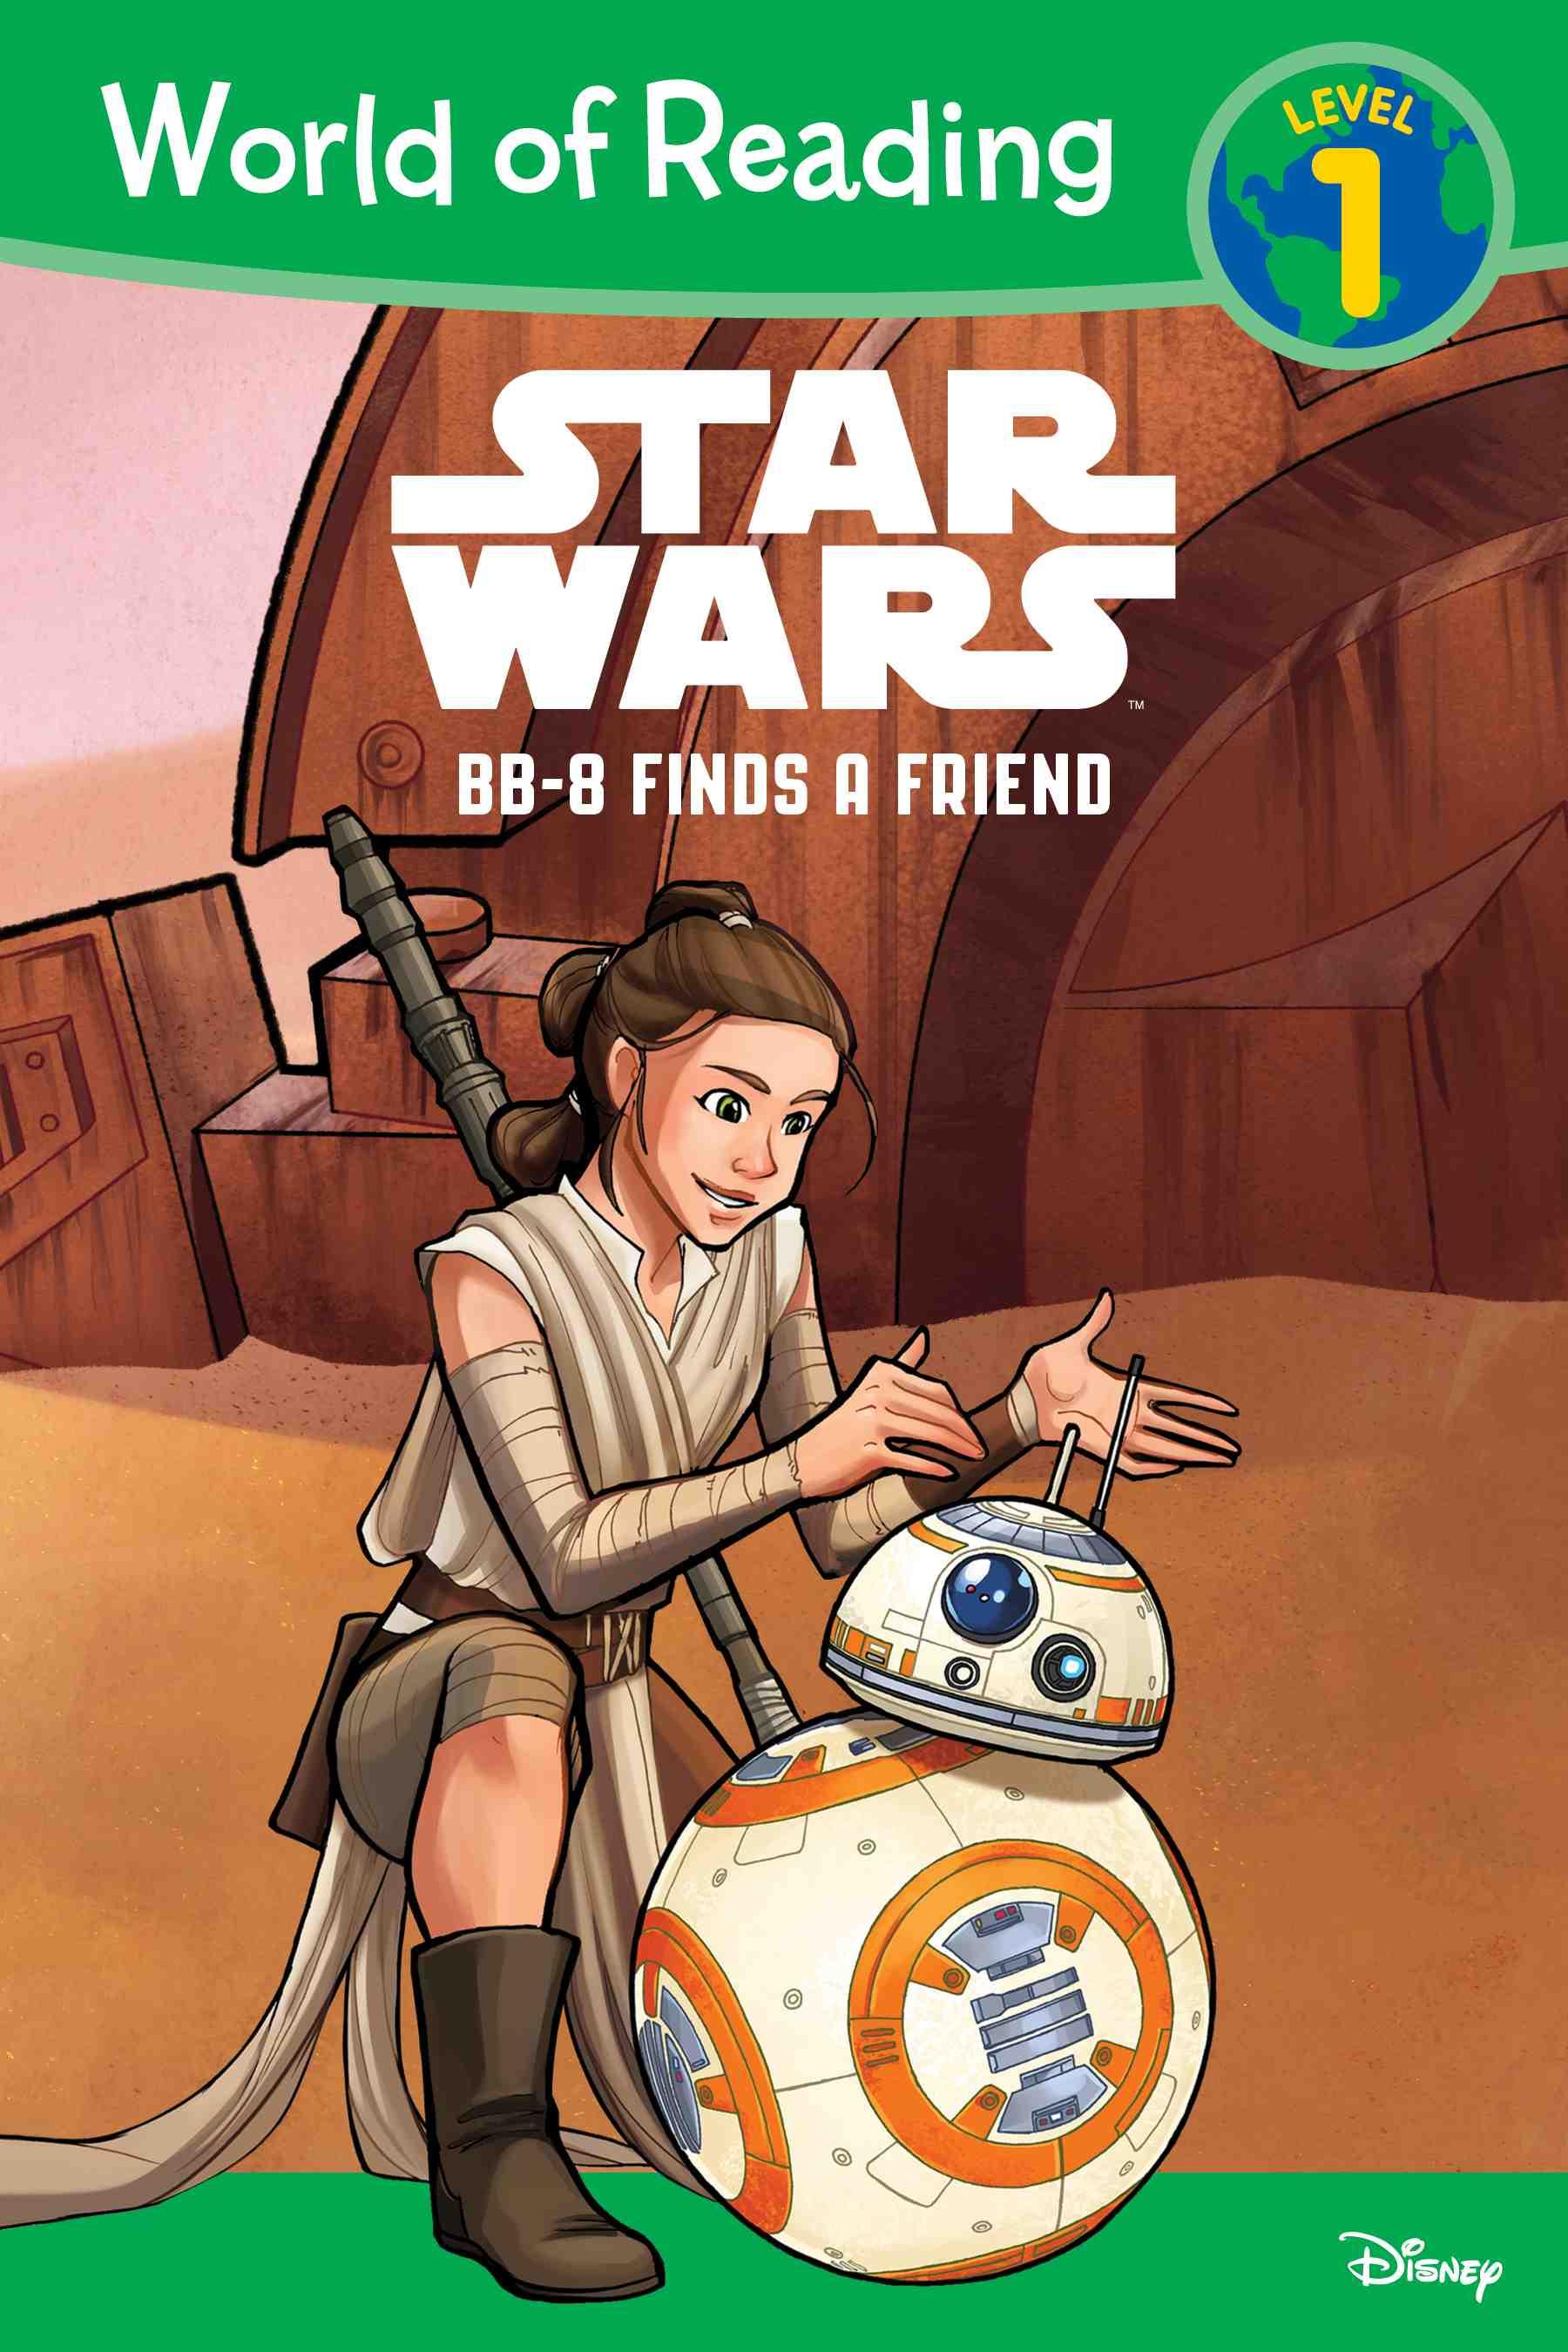 Star Wars: BB-8 Finds a Friend